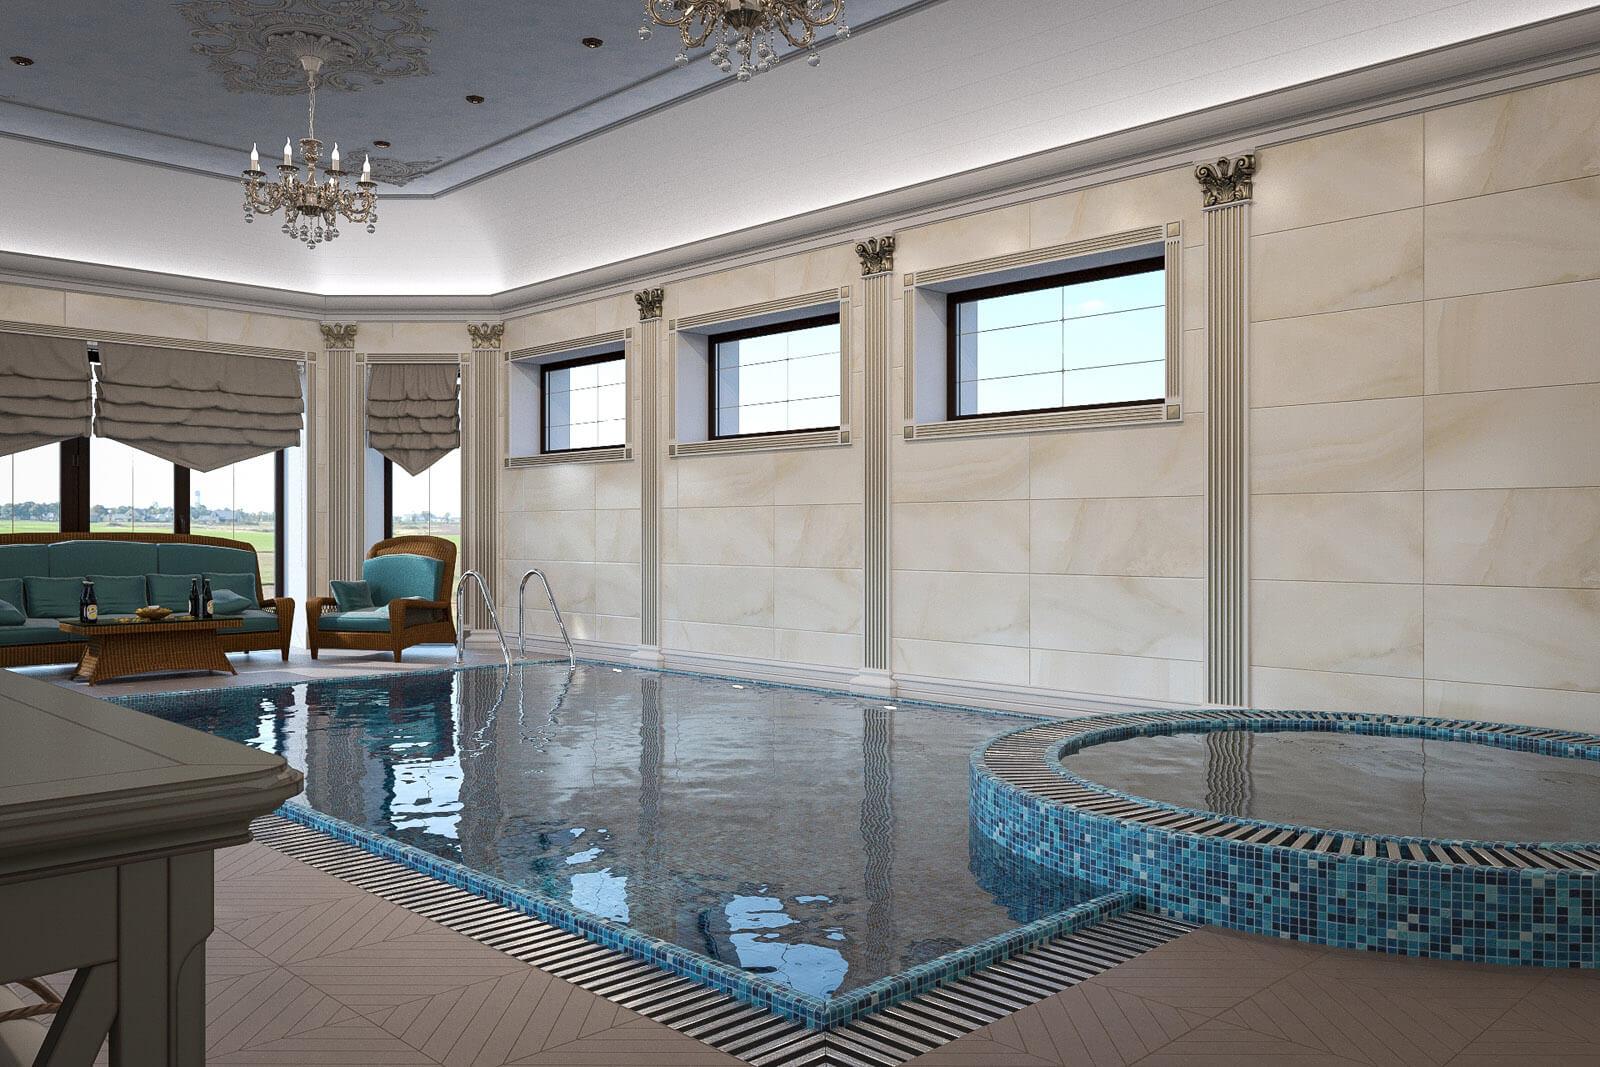 дом с бассейном внутри проект фото патио террасой